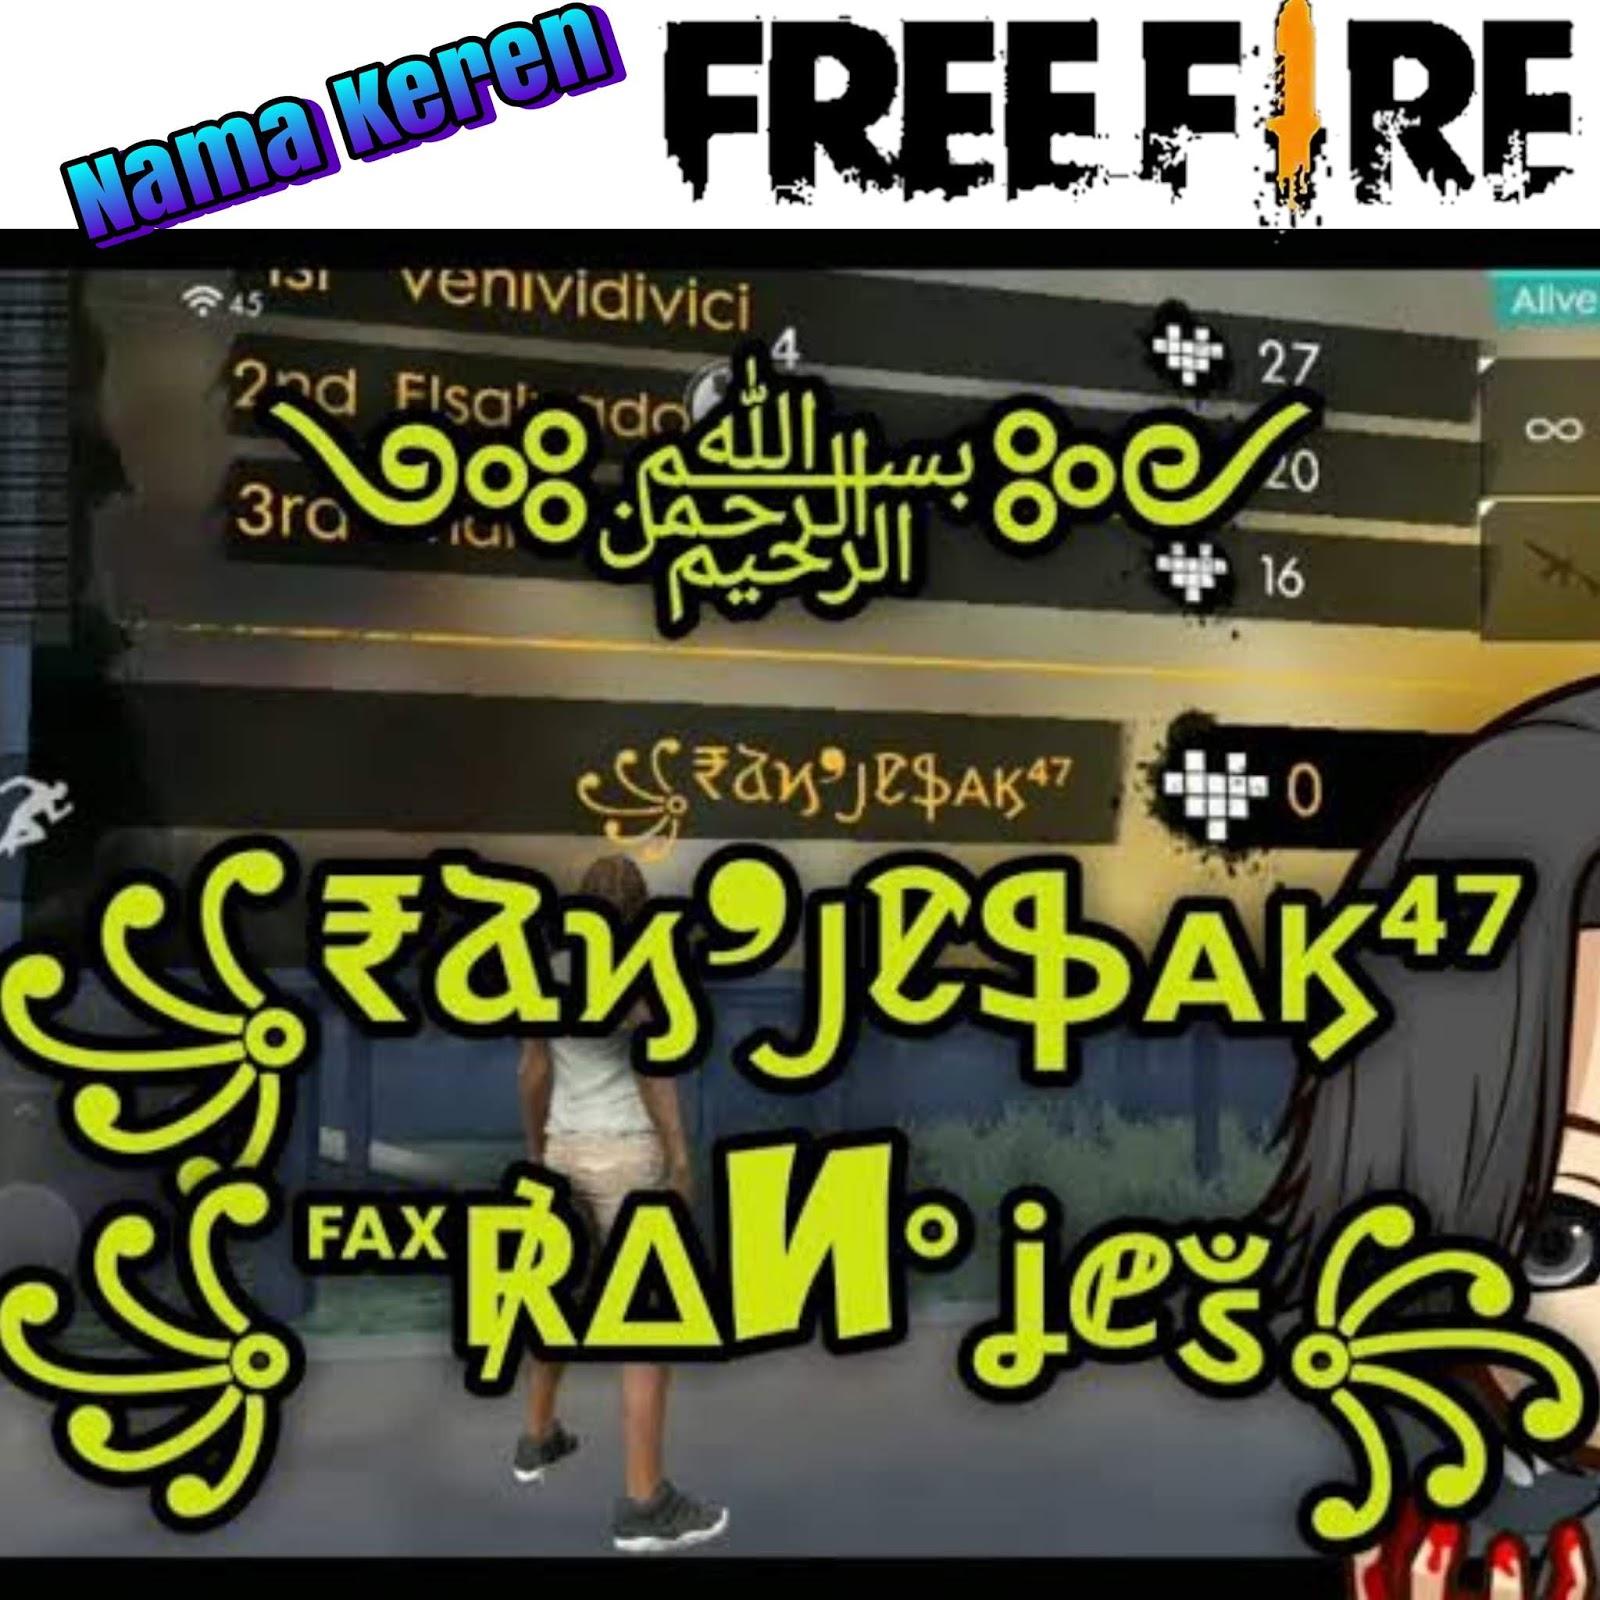 55 Gambar Free Fire Paling Keren HD Terbaru